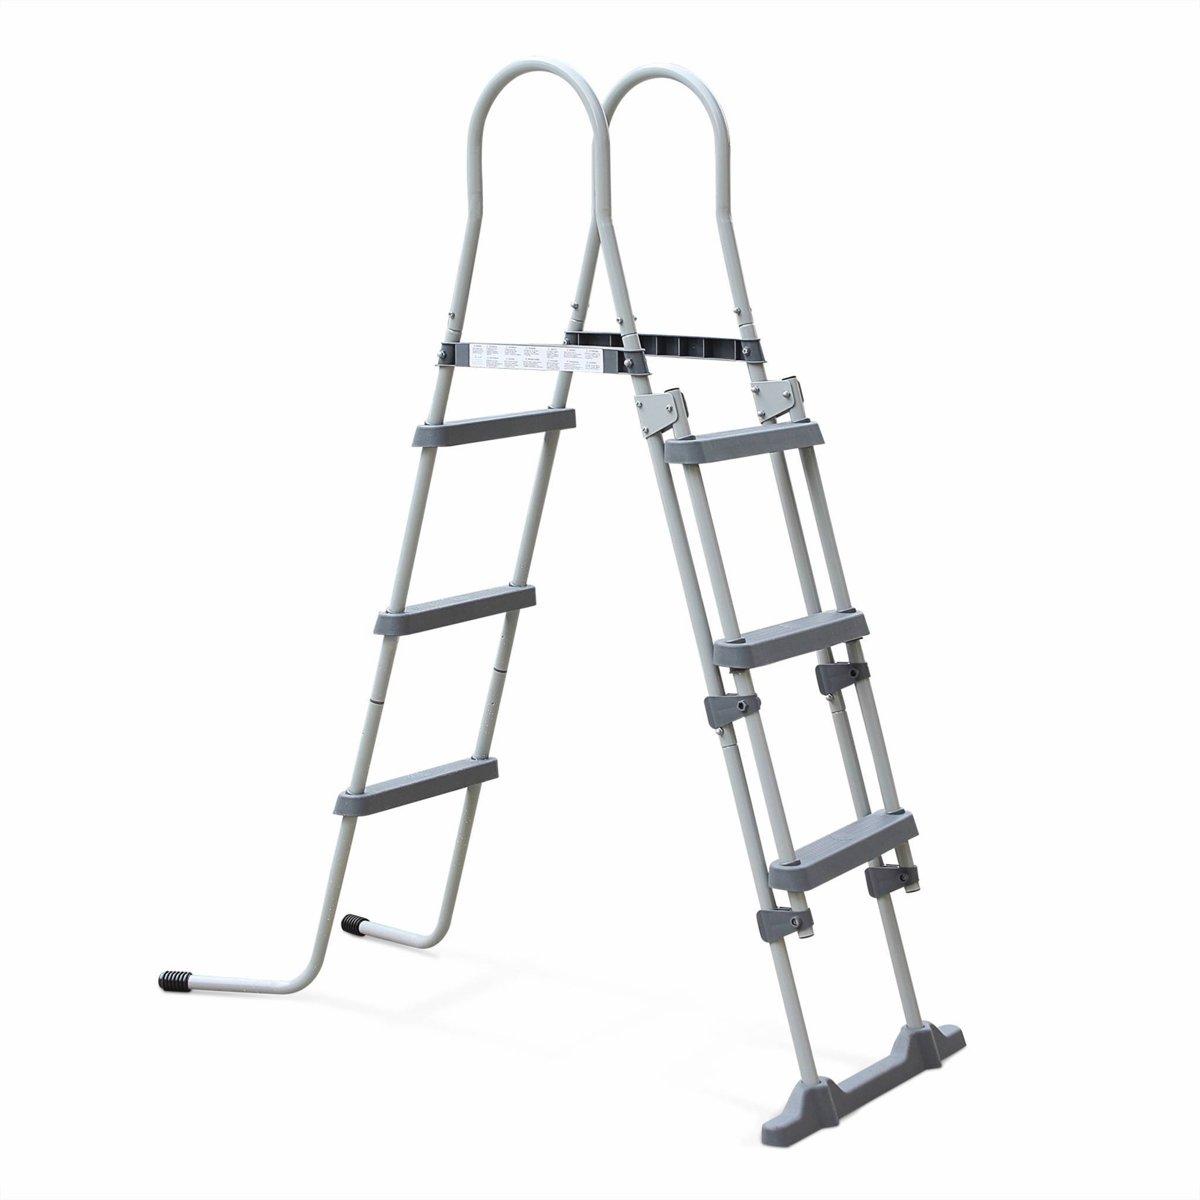 Ladder voor zwembad met een maximale hoogte van 109cm